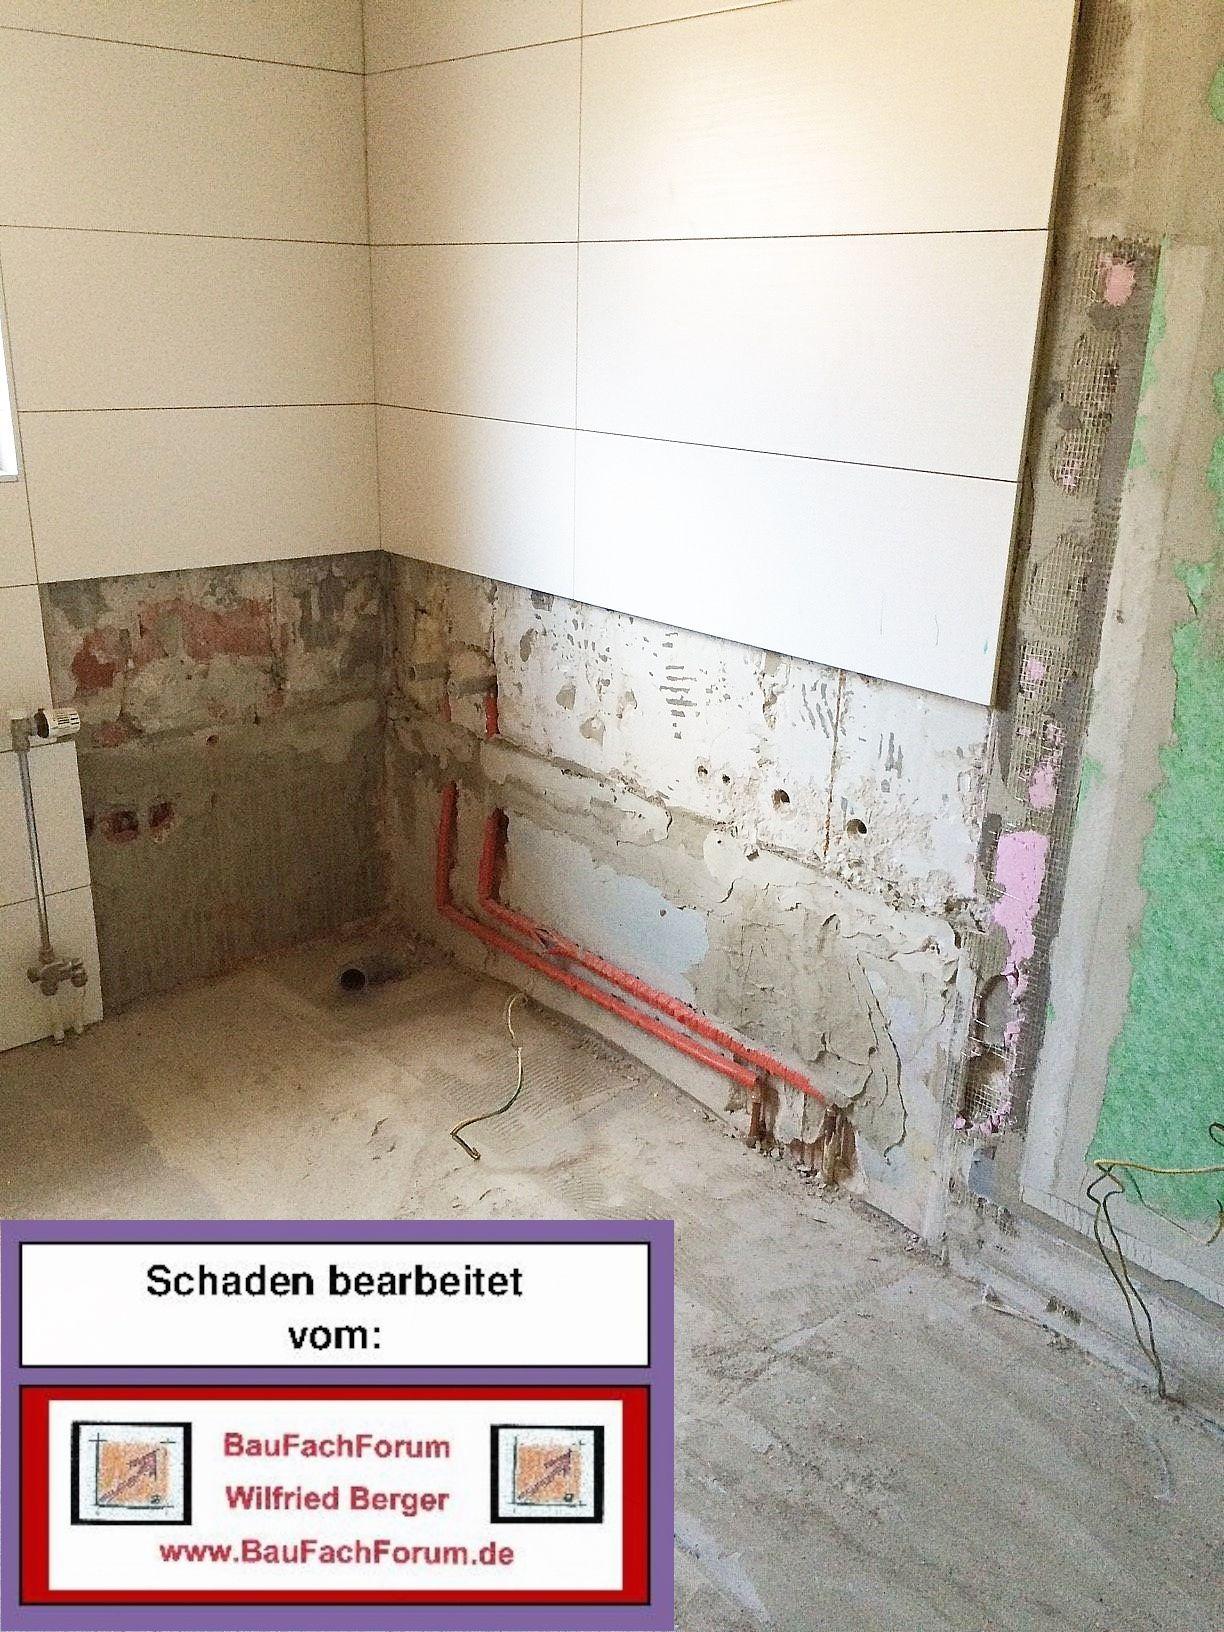 Baufachforum Schaden Sachverstandiger Wilfried Berger Schaden Bad Abdichtung Neue Din 18531 Bis 18535 Sachverstandiger Gutachter Facher Fortbildung Ulm